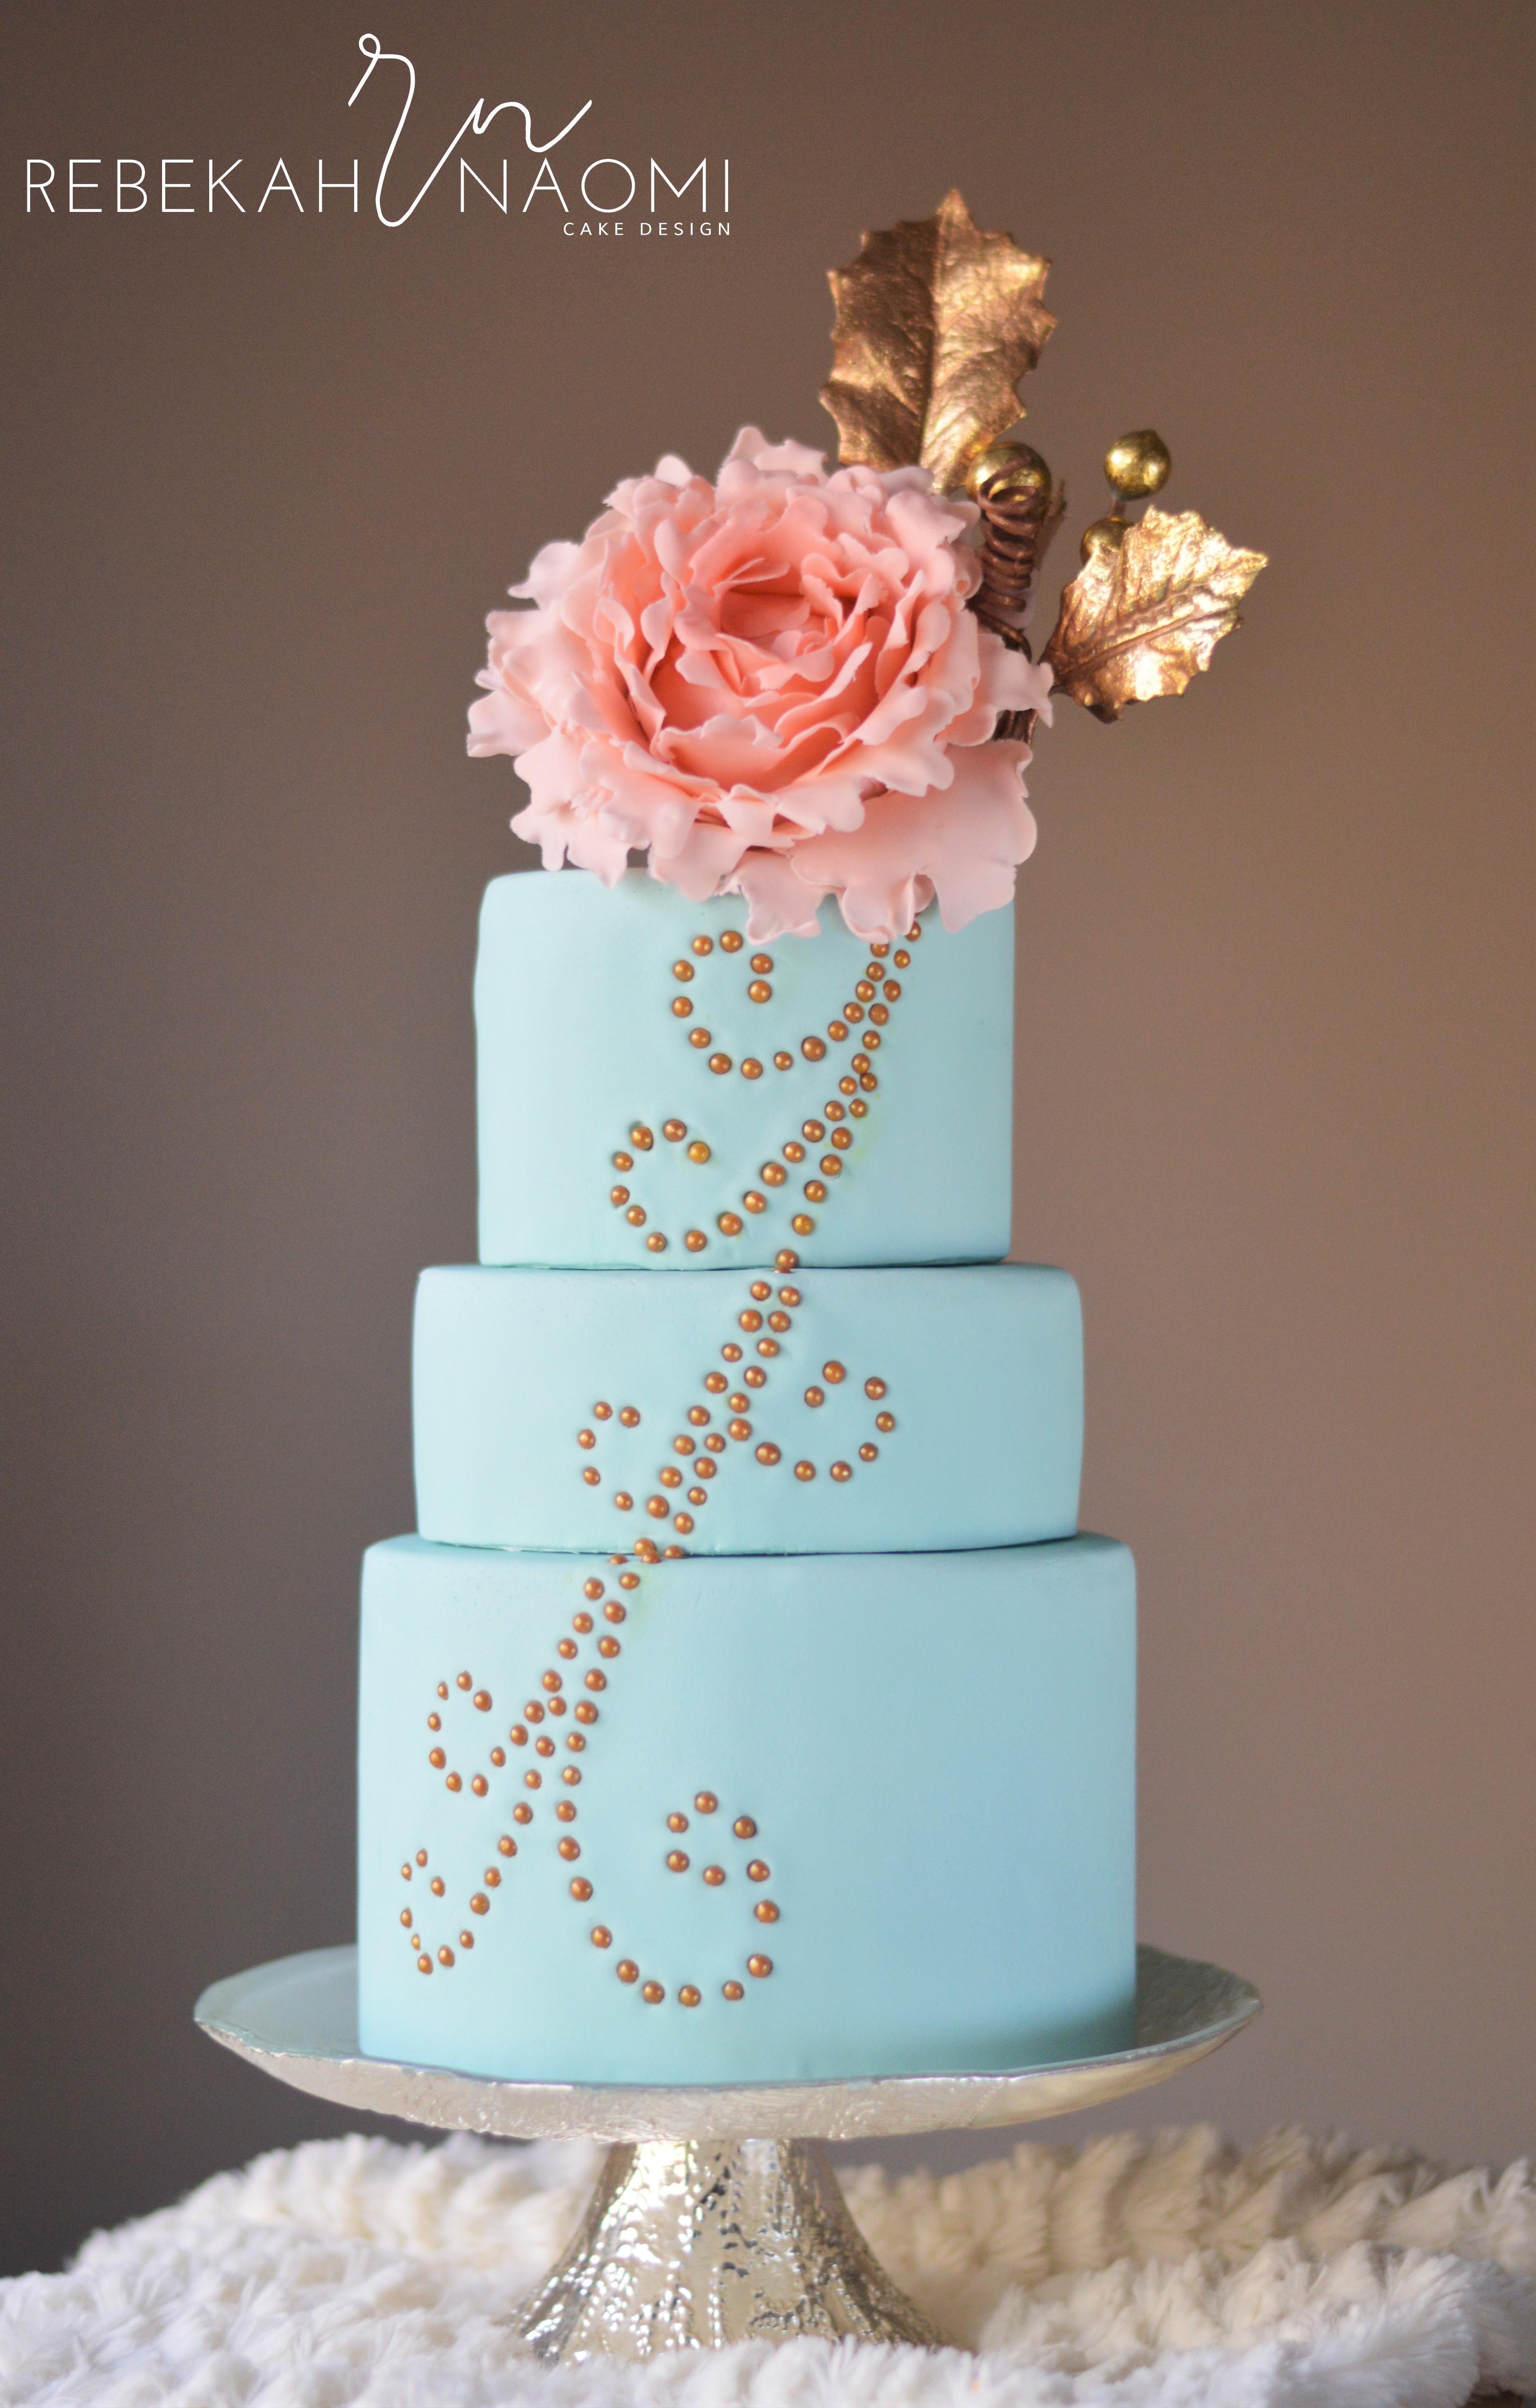 Turquoise fondant wedding cake with peony